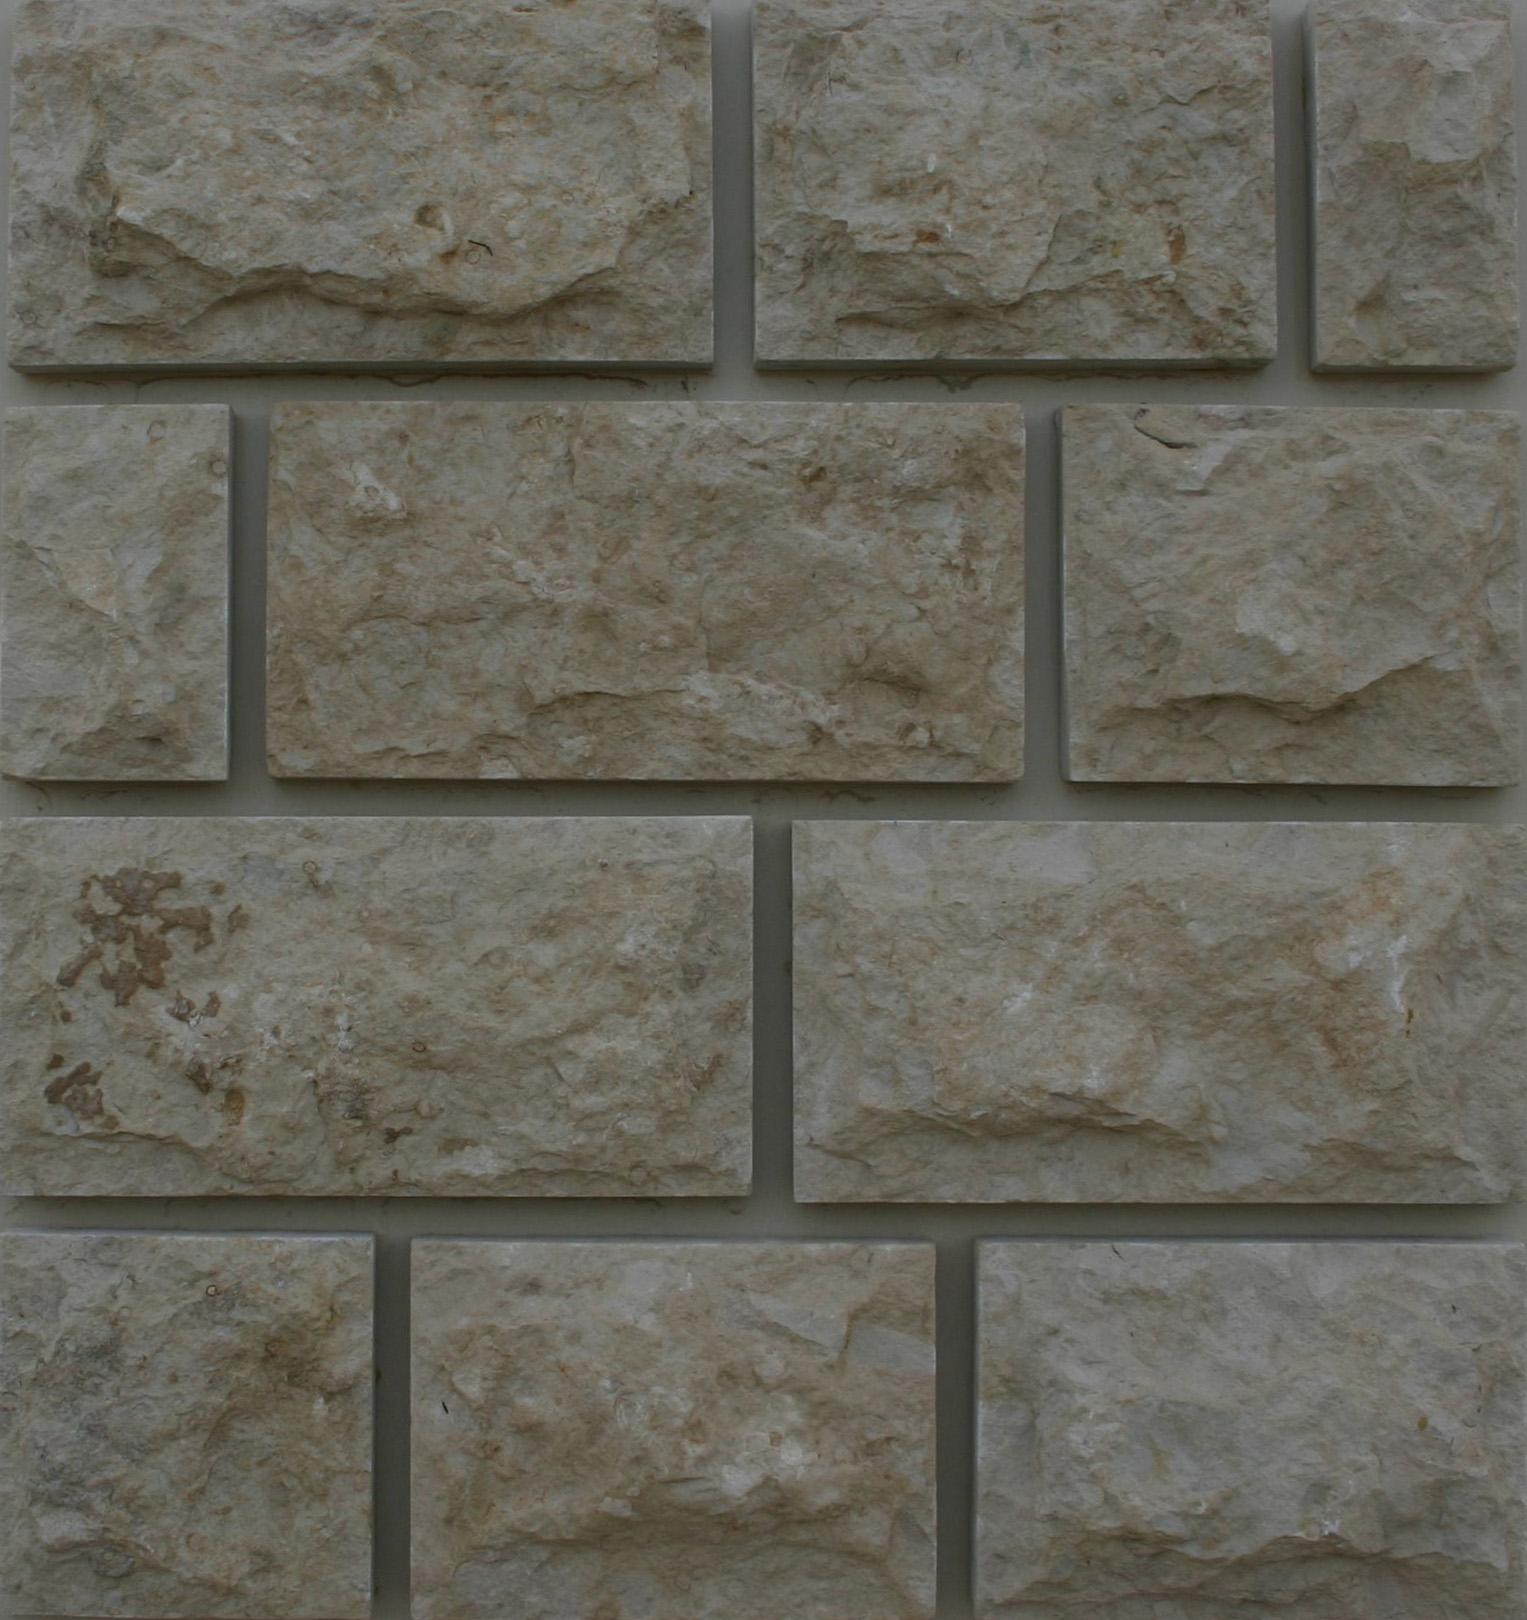 Известняк серый пятисторонней обработки со сколом - добыча и продажа природного камня